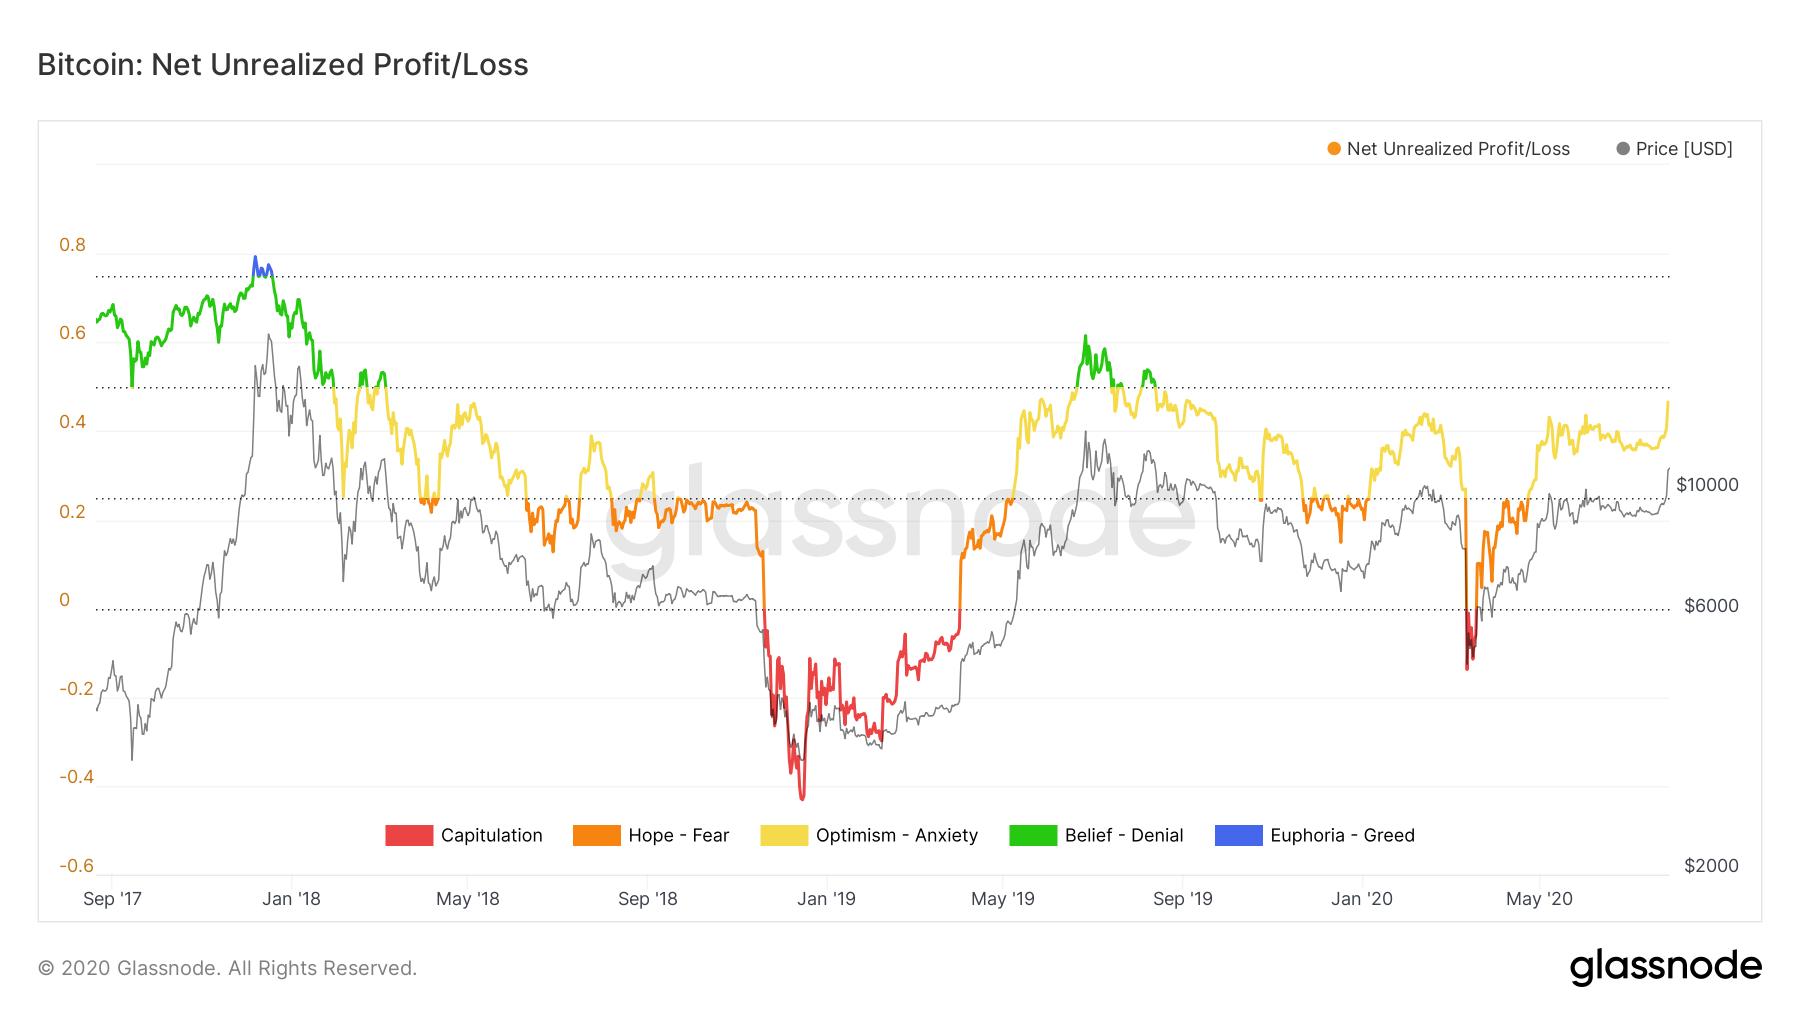 Bitcoin net unrealized profit. Source: Glassnode.